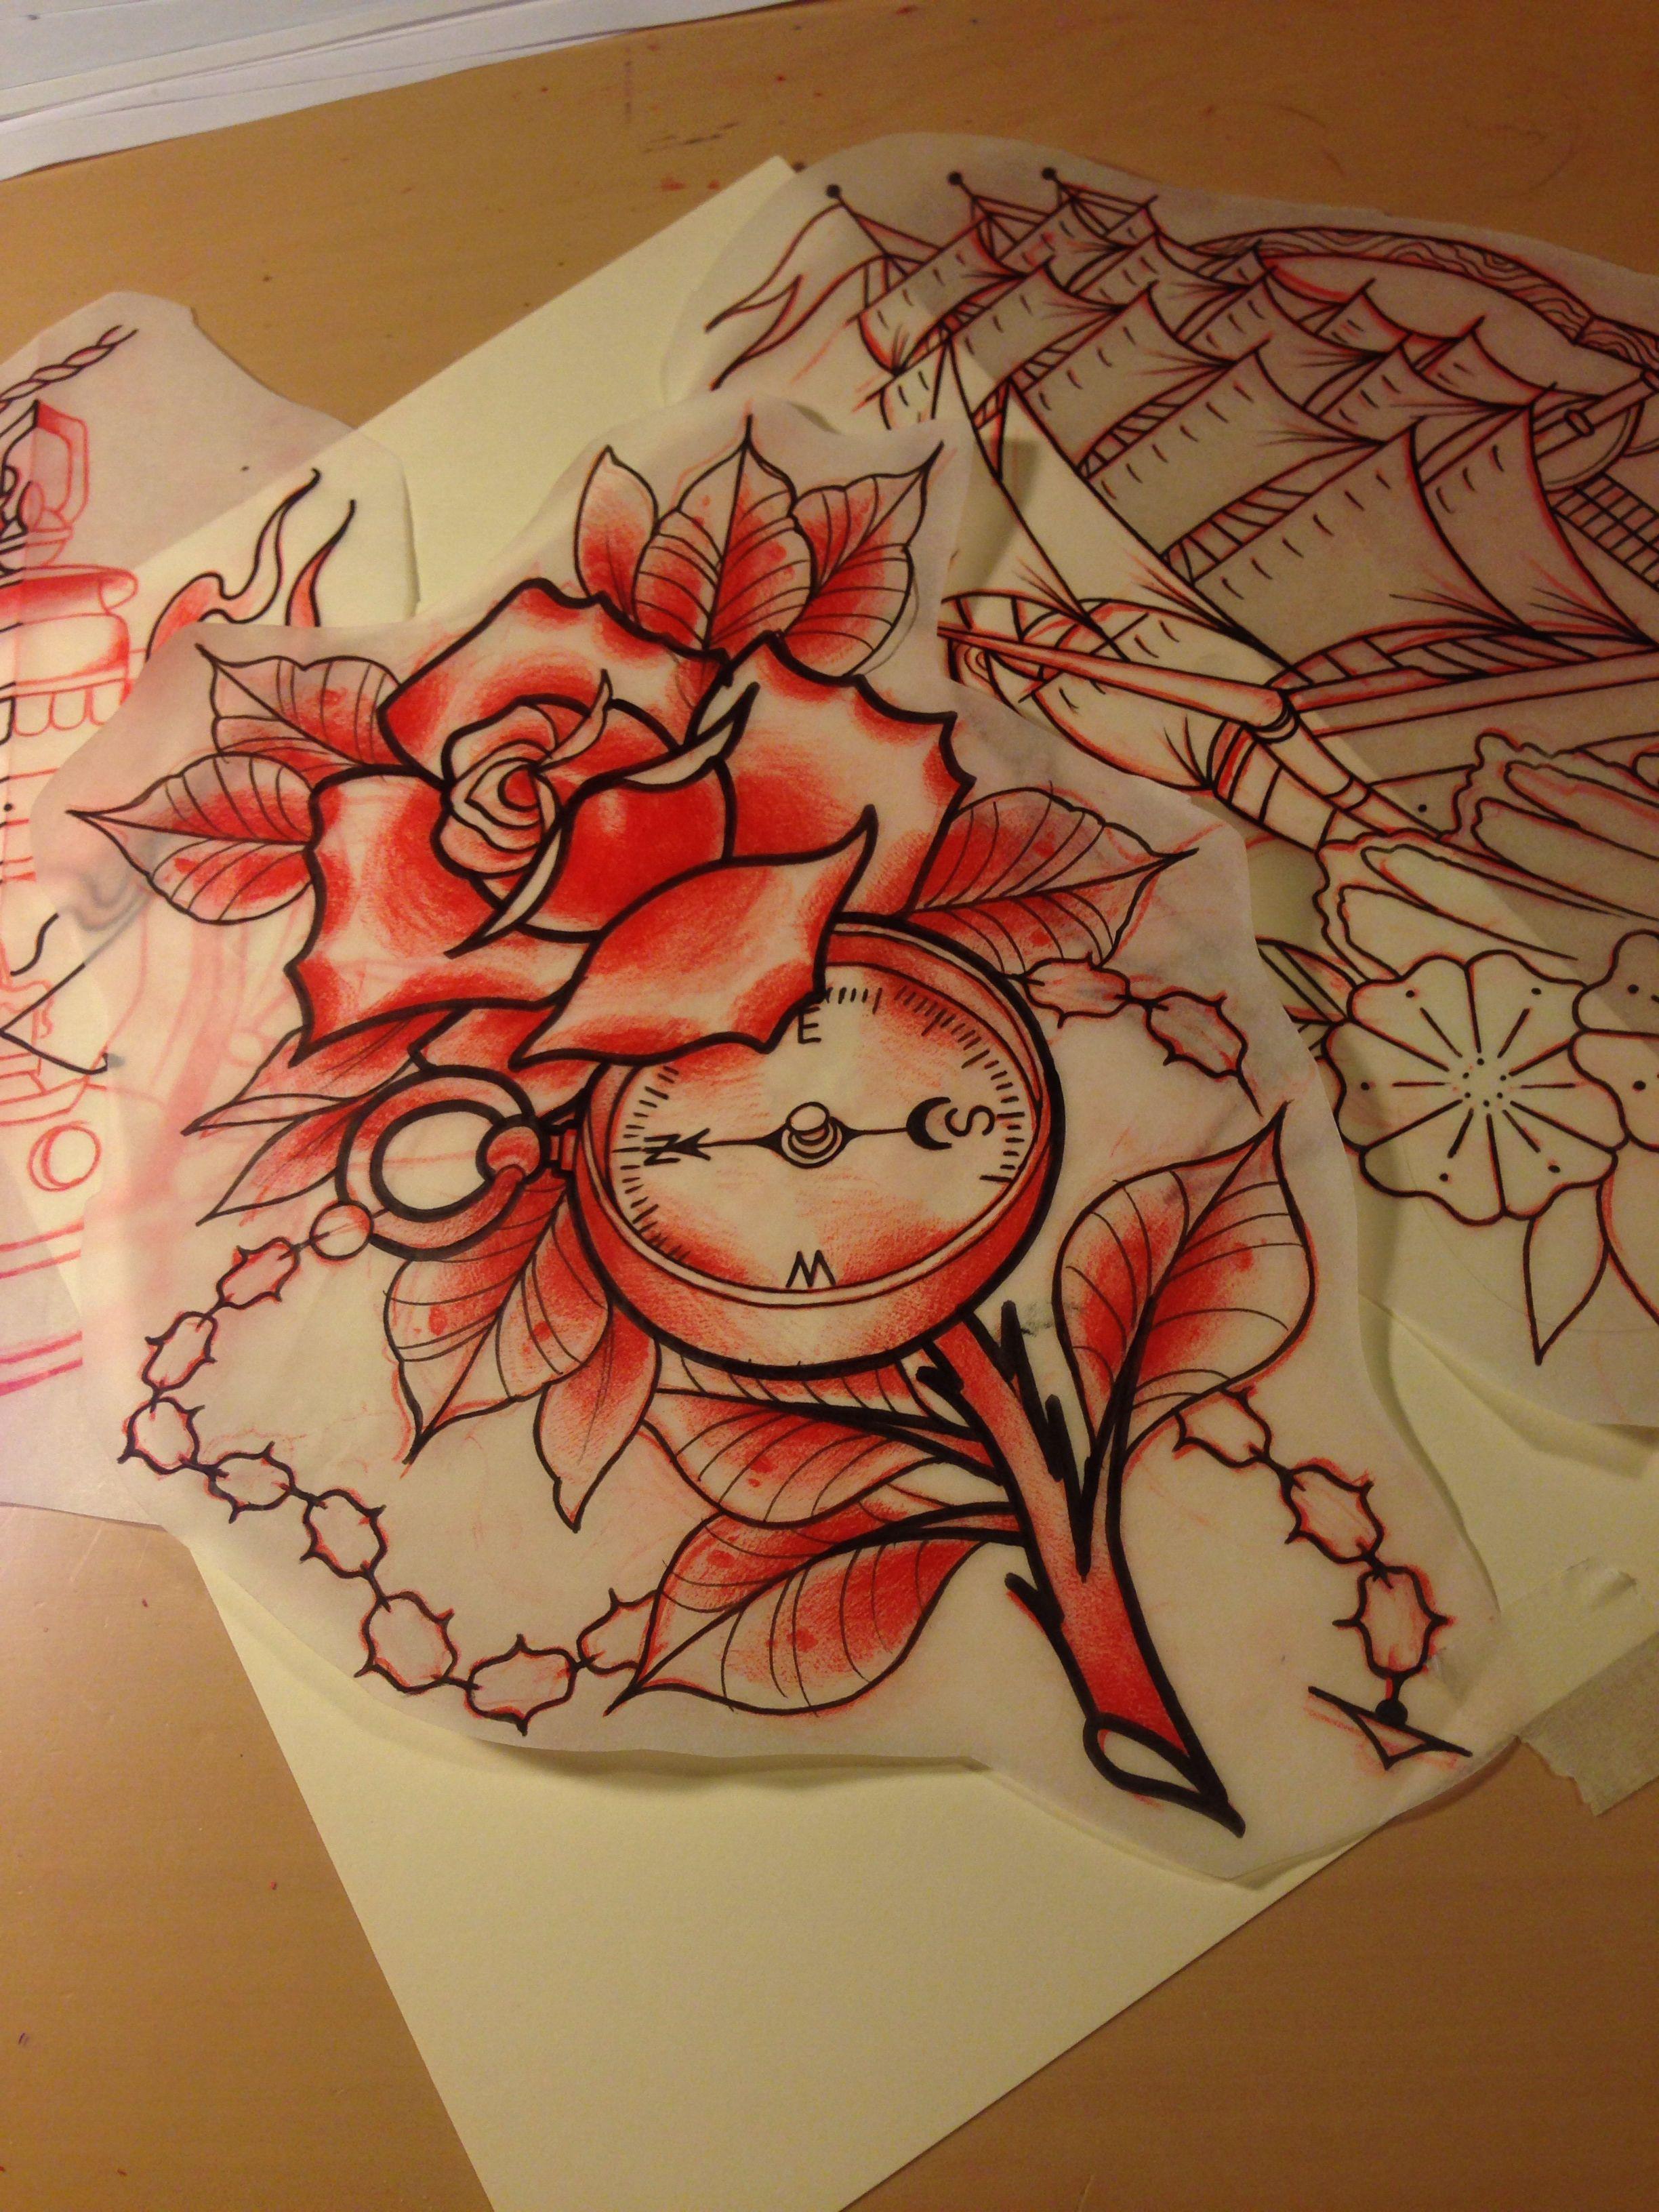 #flash #tattooflash #tattooart #sketch #draw #paint #traditional #tattoo #tattoos #traditionaltattoos #oldschool #compass #rose #flower